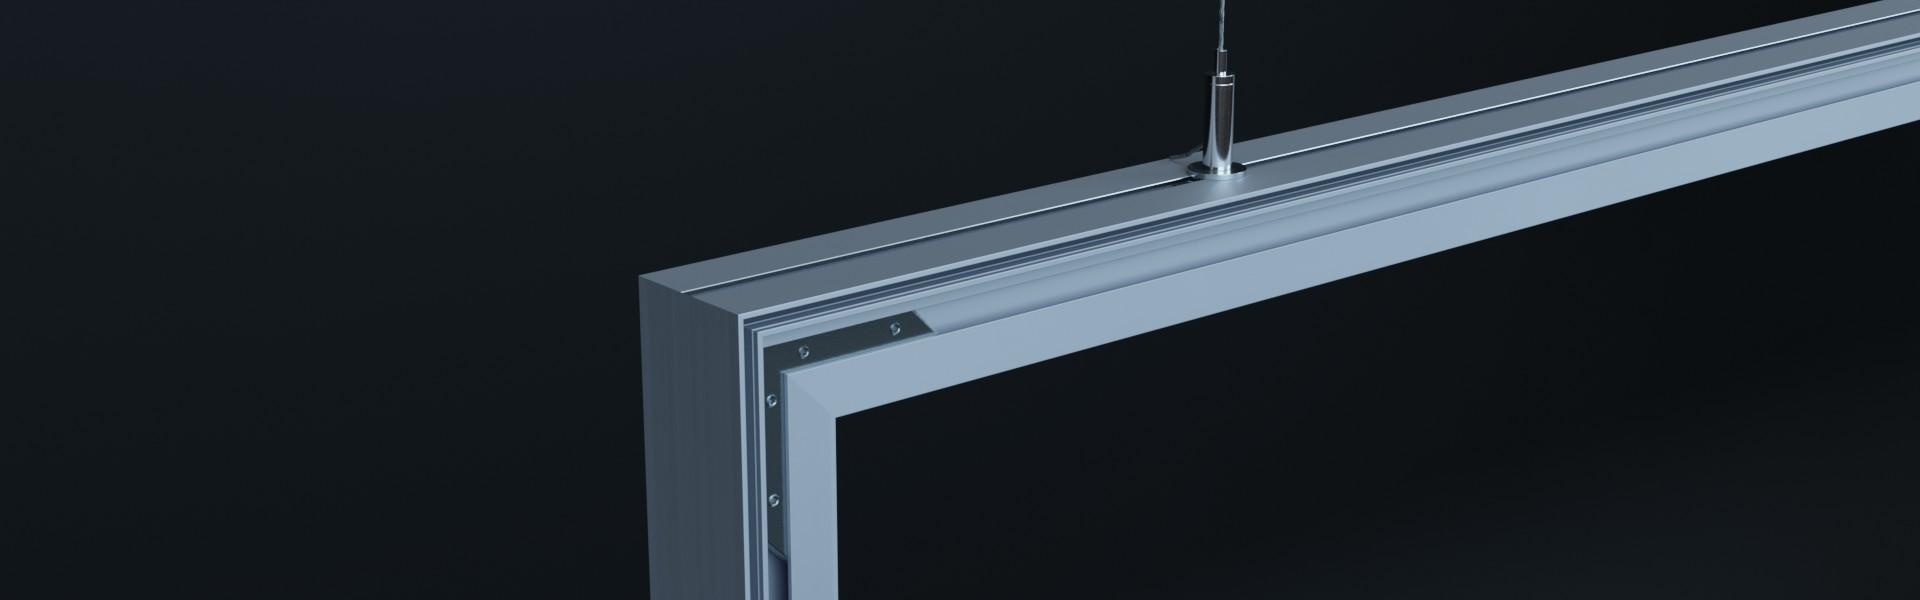 AluFrame duo: Aluminium Profilschienen mit Eckverbindern und Drahtseilhaltern und 1,5 mm Stahlseil